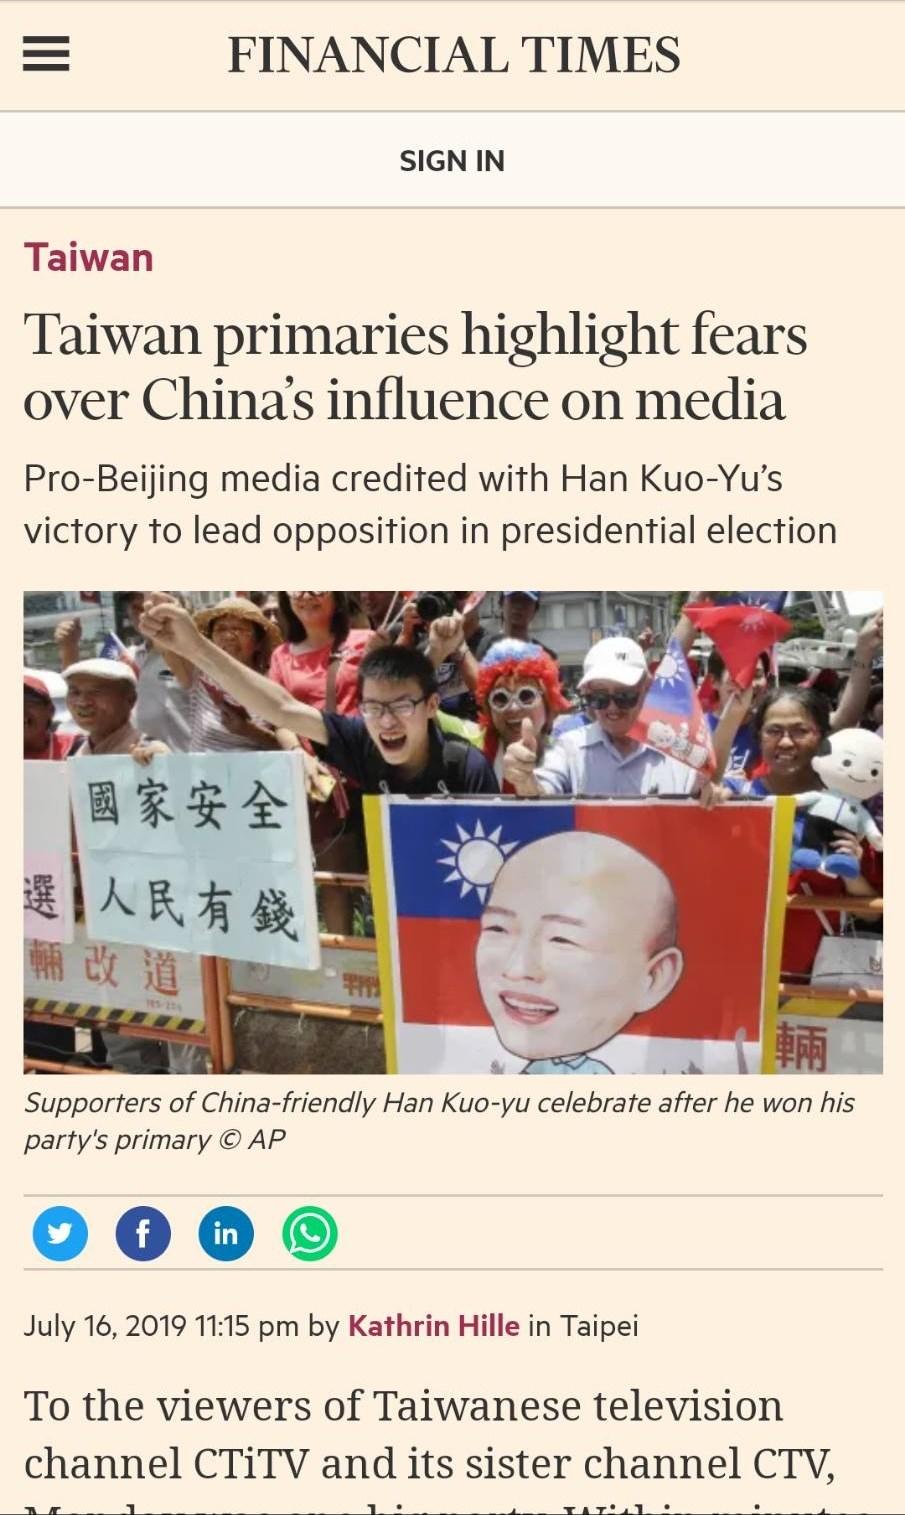 英國金融時報16日報導,中國國台辦直接控制旺中集團旗下媒體,吹捧特定參選人。中國國台辦17日透過新聞稿回應,稱有關報導內容是「無中生有」。(圖取自金融時報網頁)